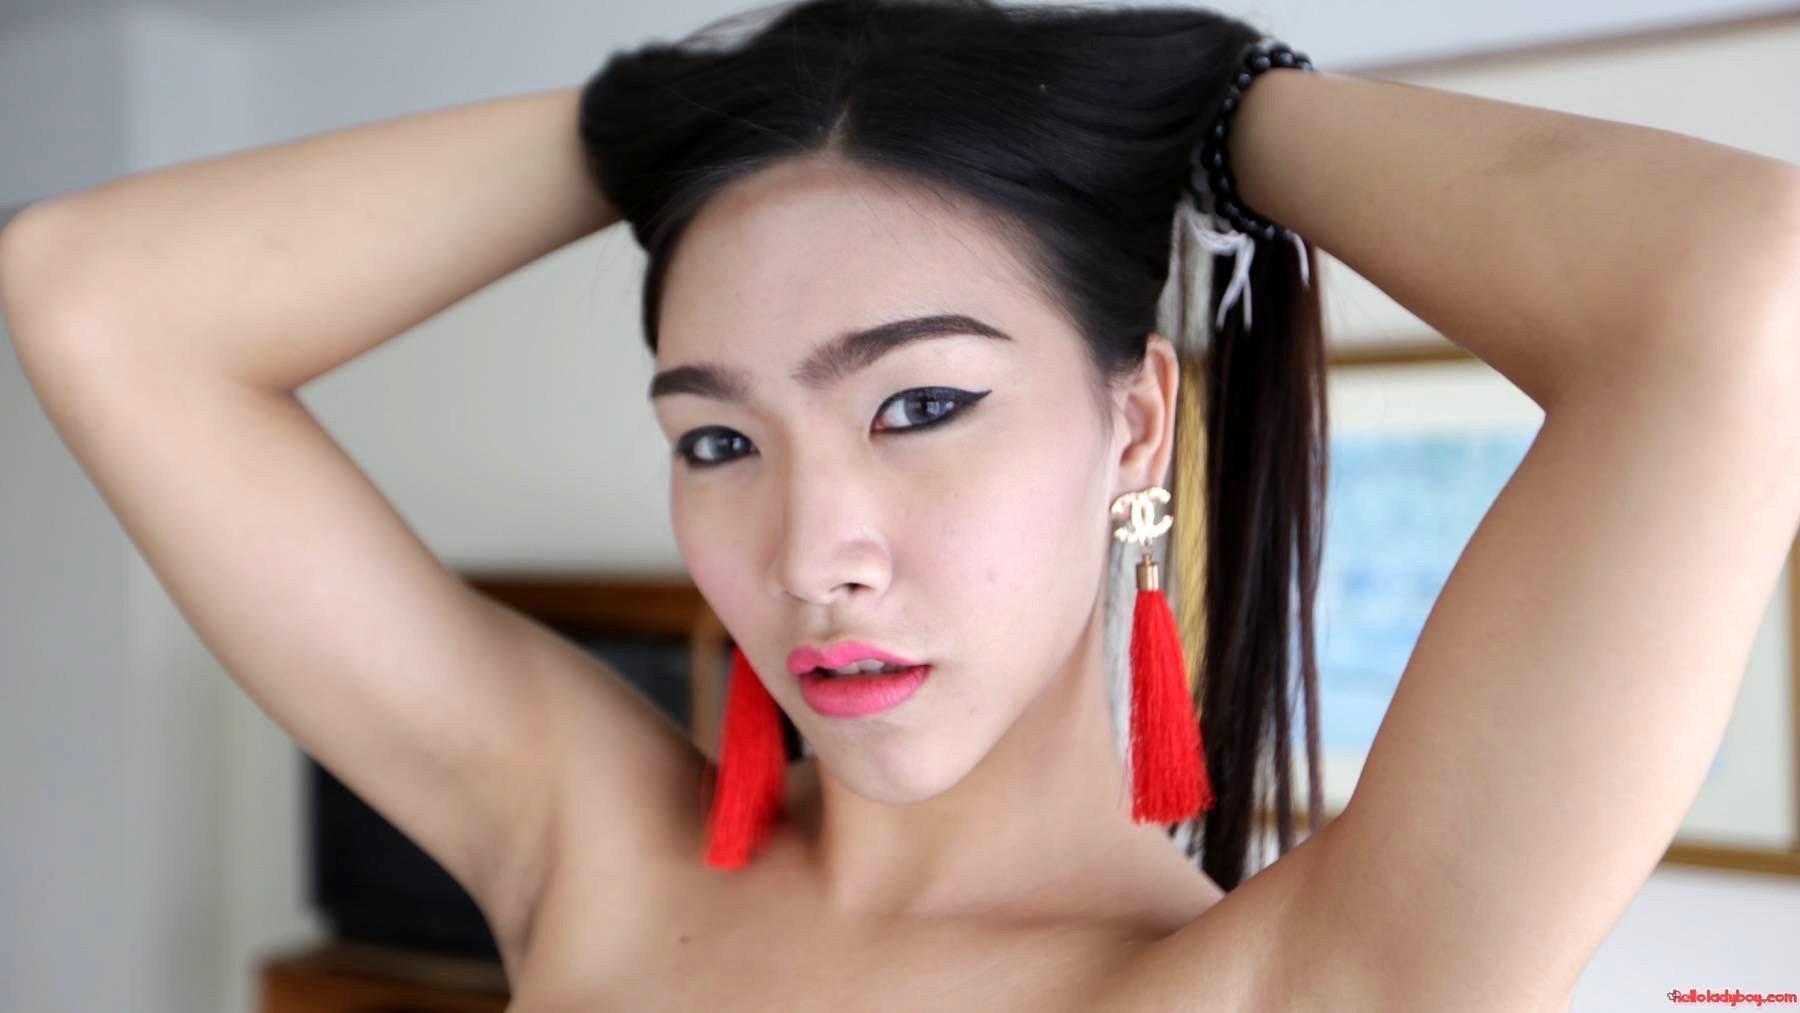 Asian Tgirl Pinky On Toilet